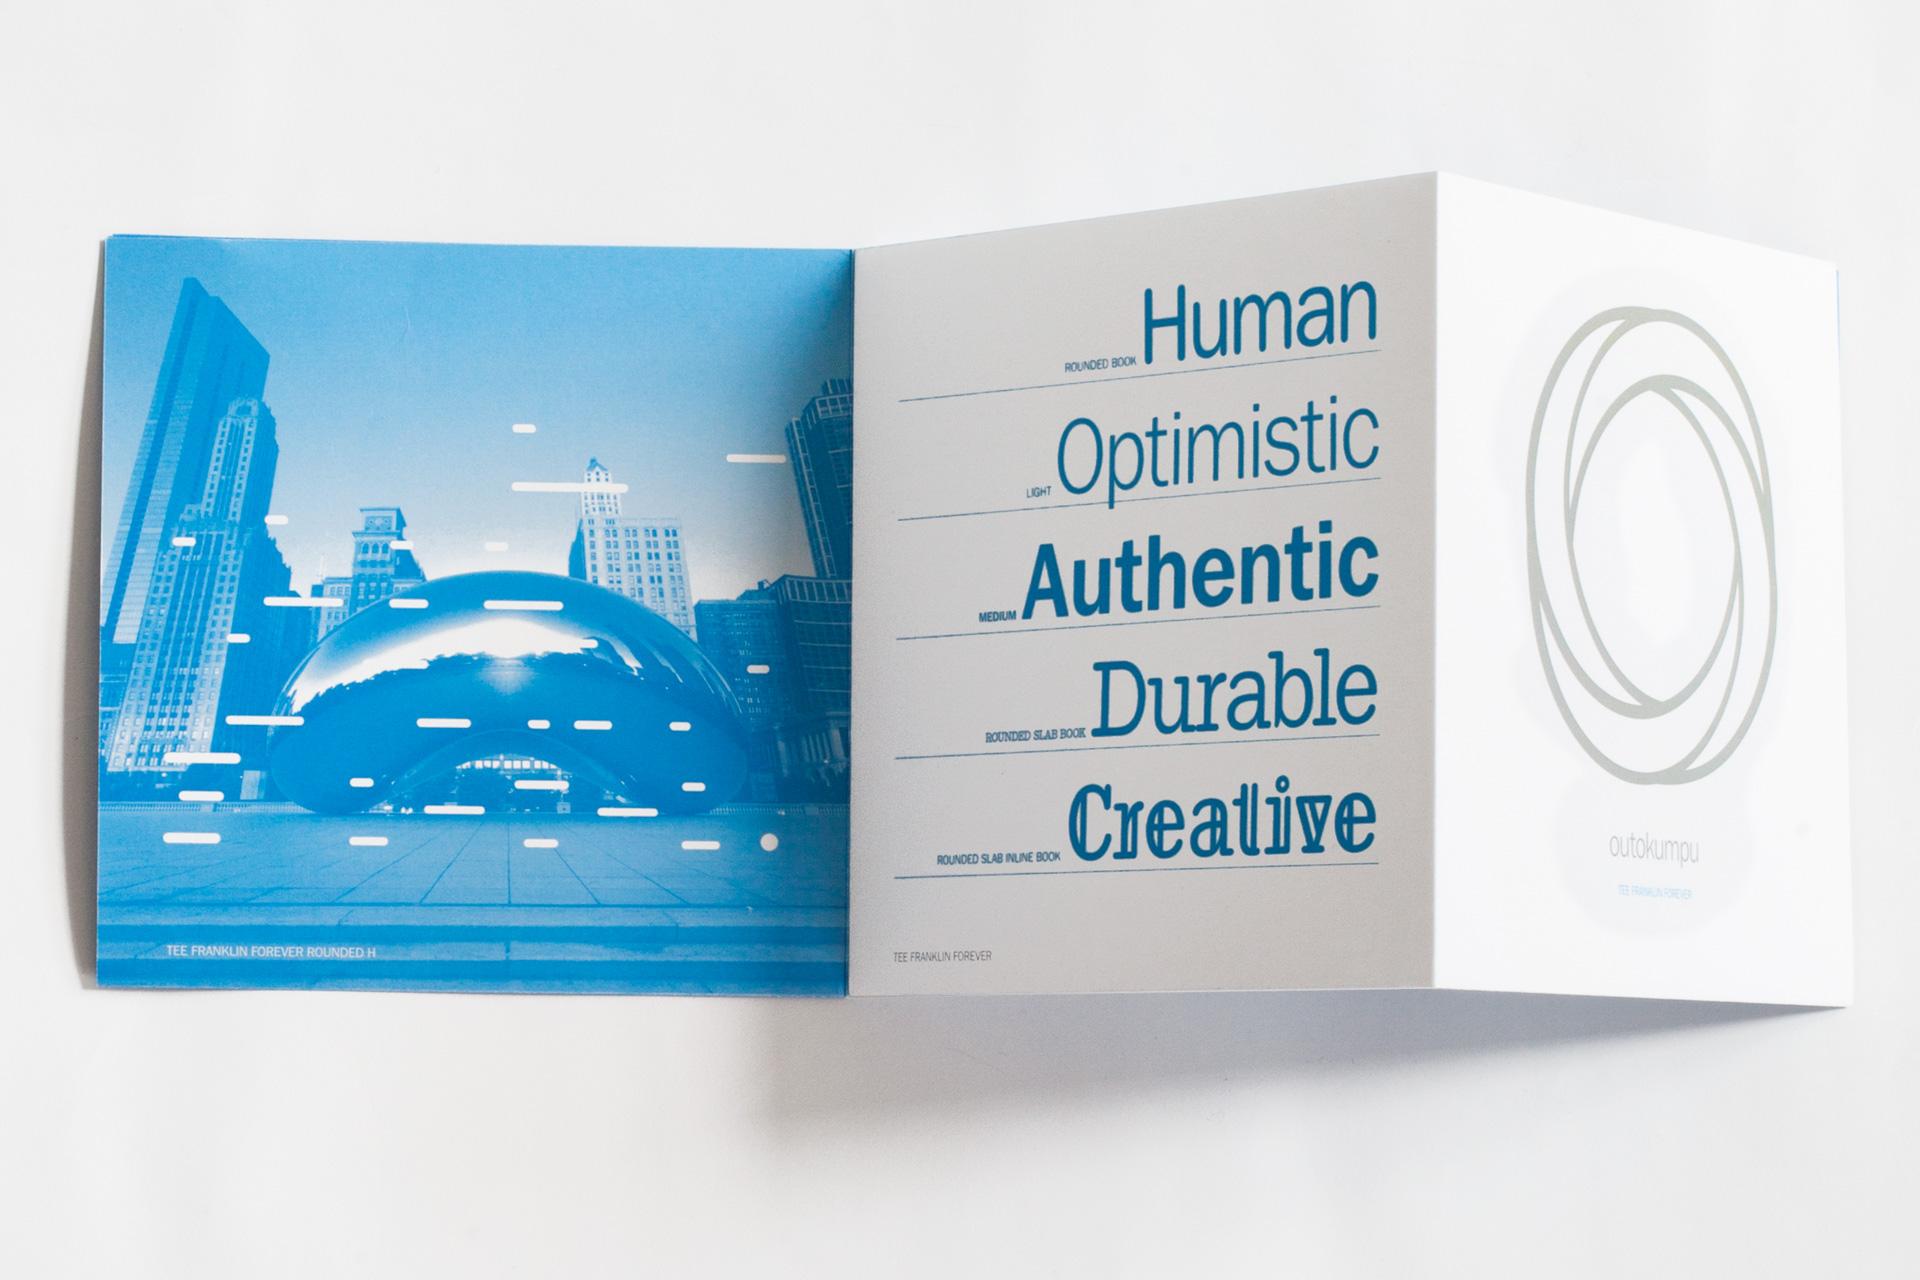 Rediseño de Aceros Outokumpu por la agencia de branding finlandesa N2